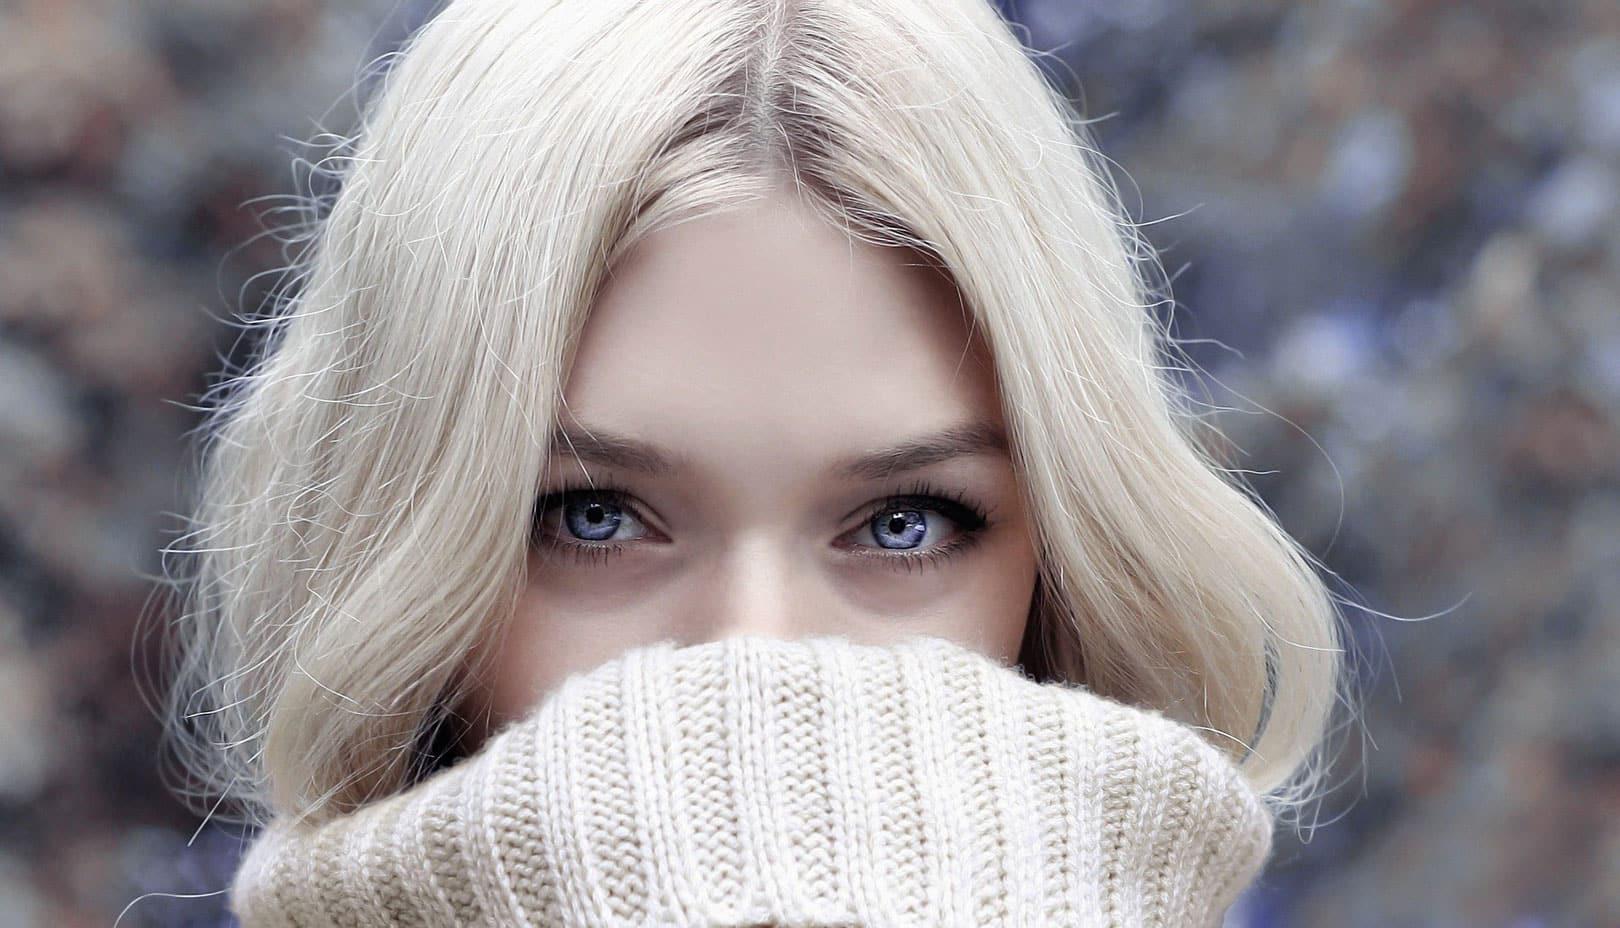 Une femme blonde avec des yeux bleues et la bouche recouverte par son pull.